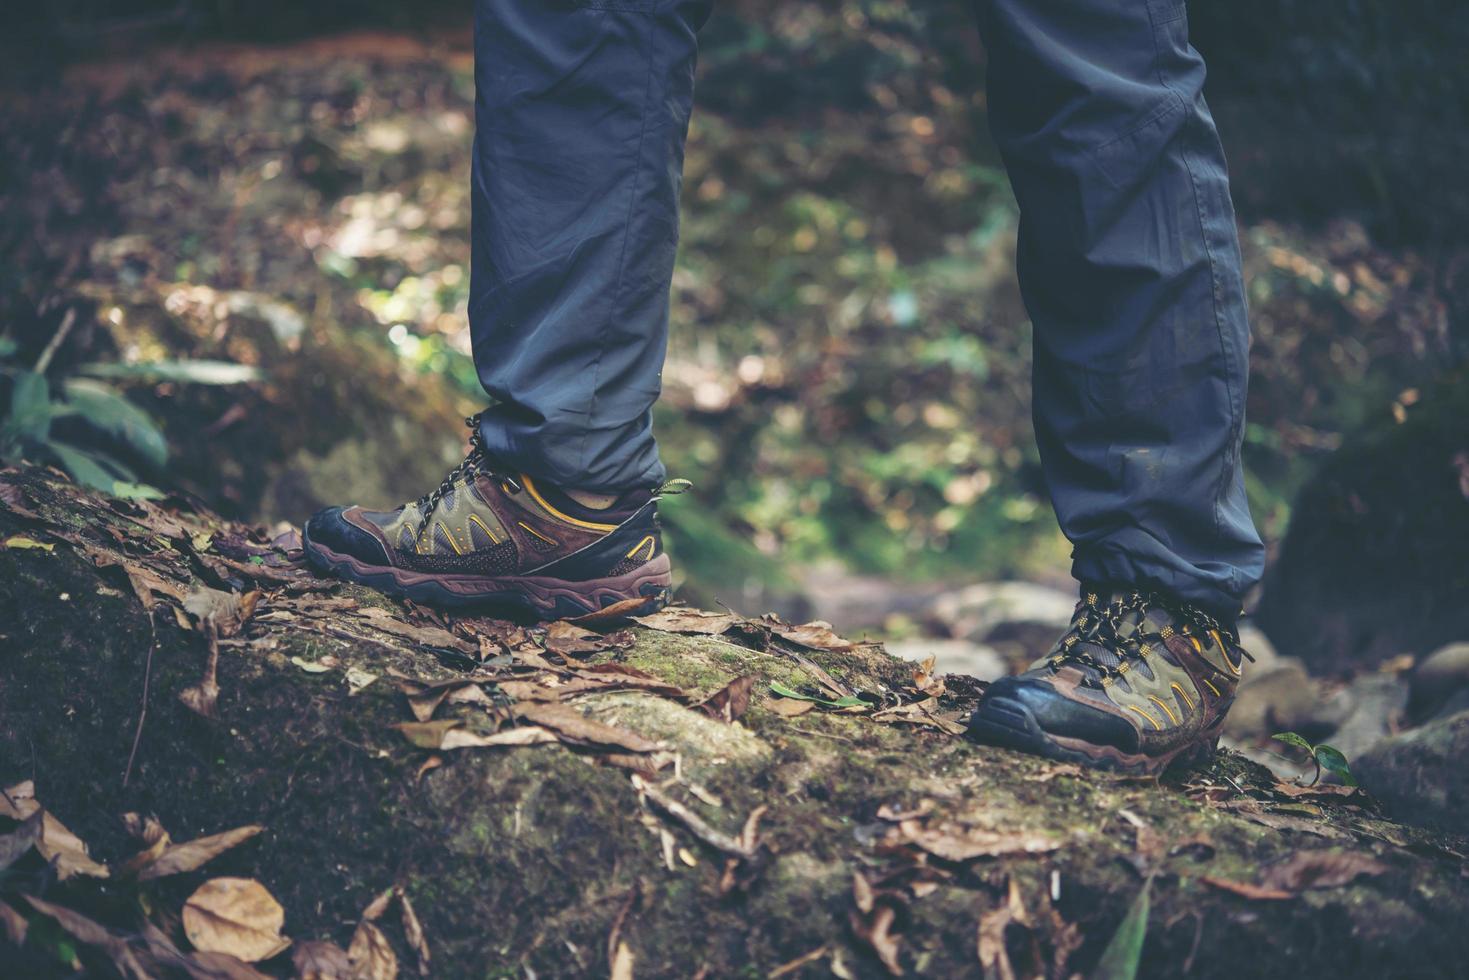 primo piano dei piedi di un uomo escursioni su un sentiero di montagna foto